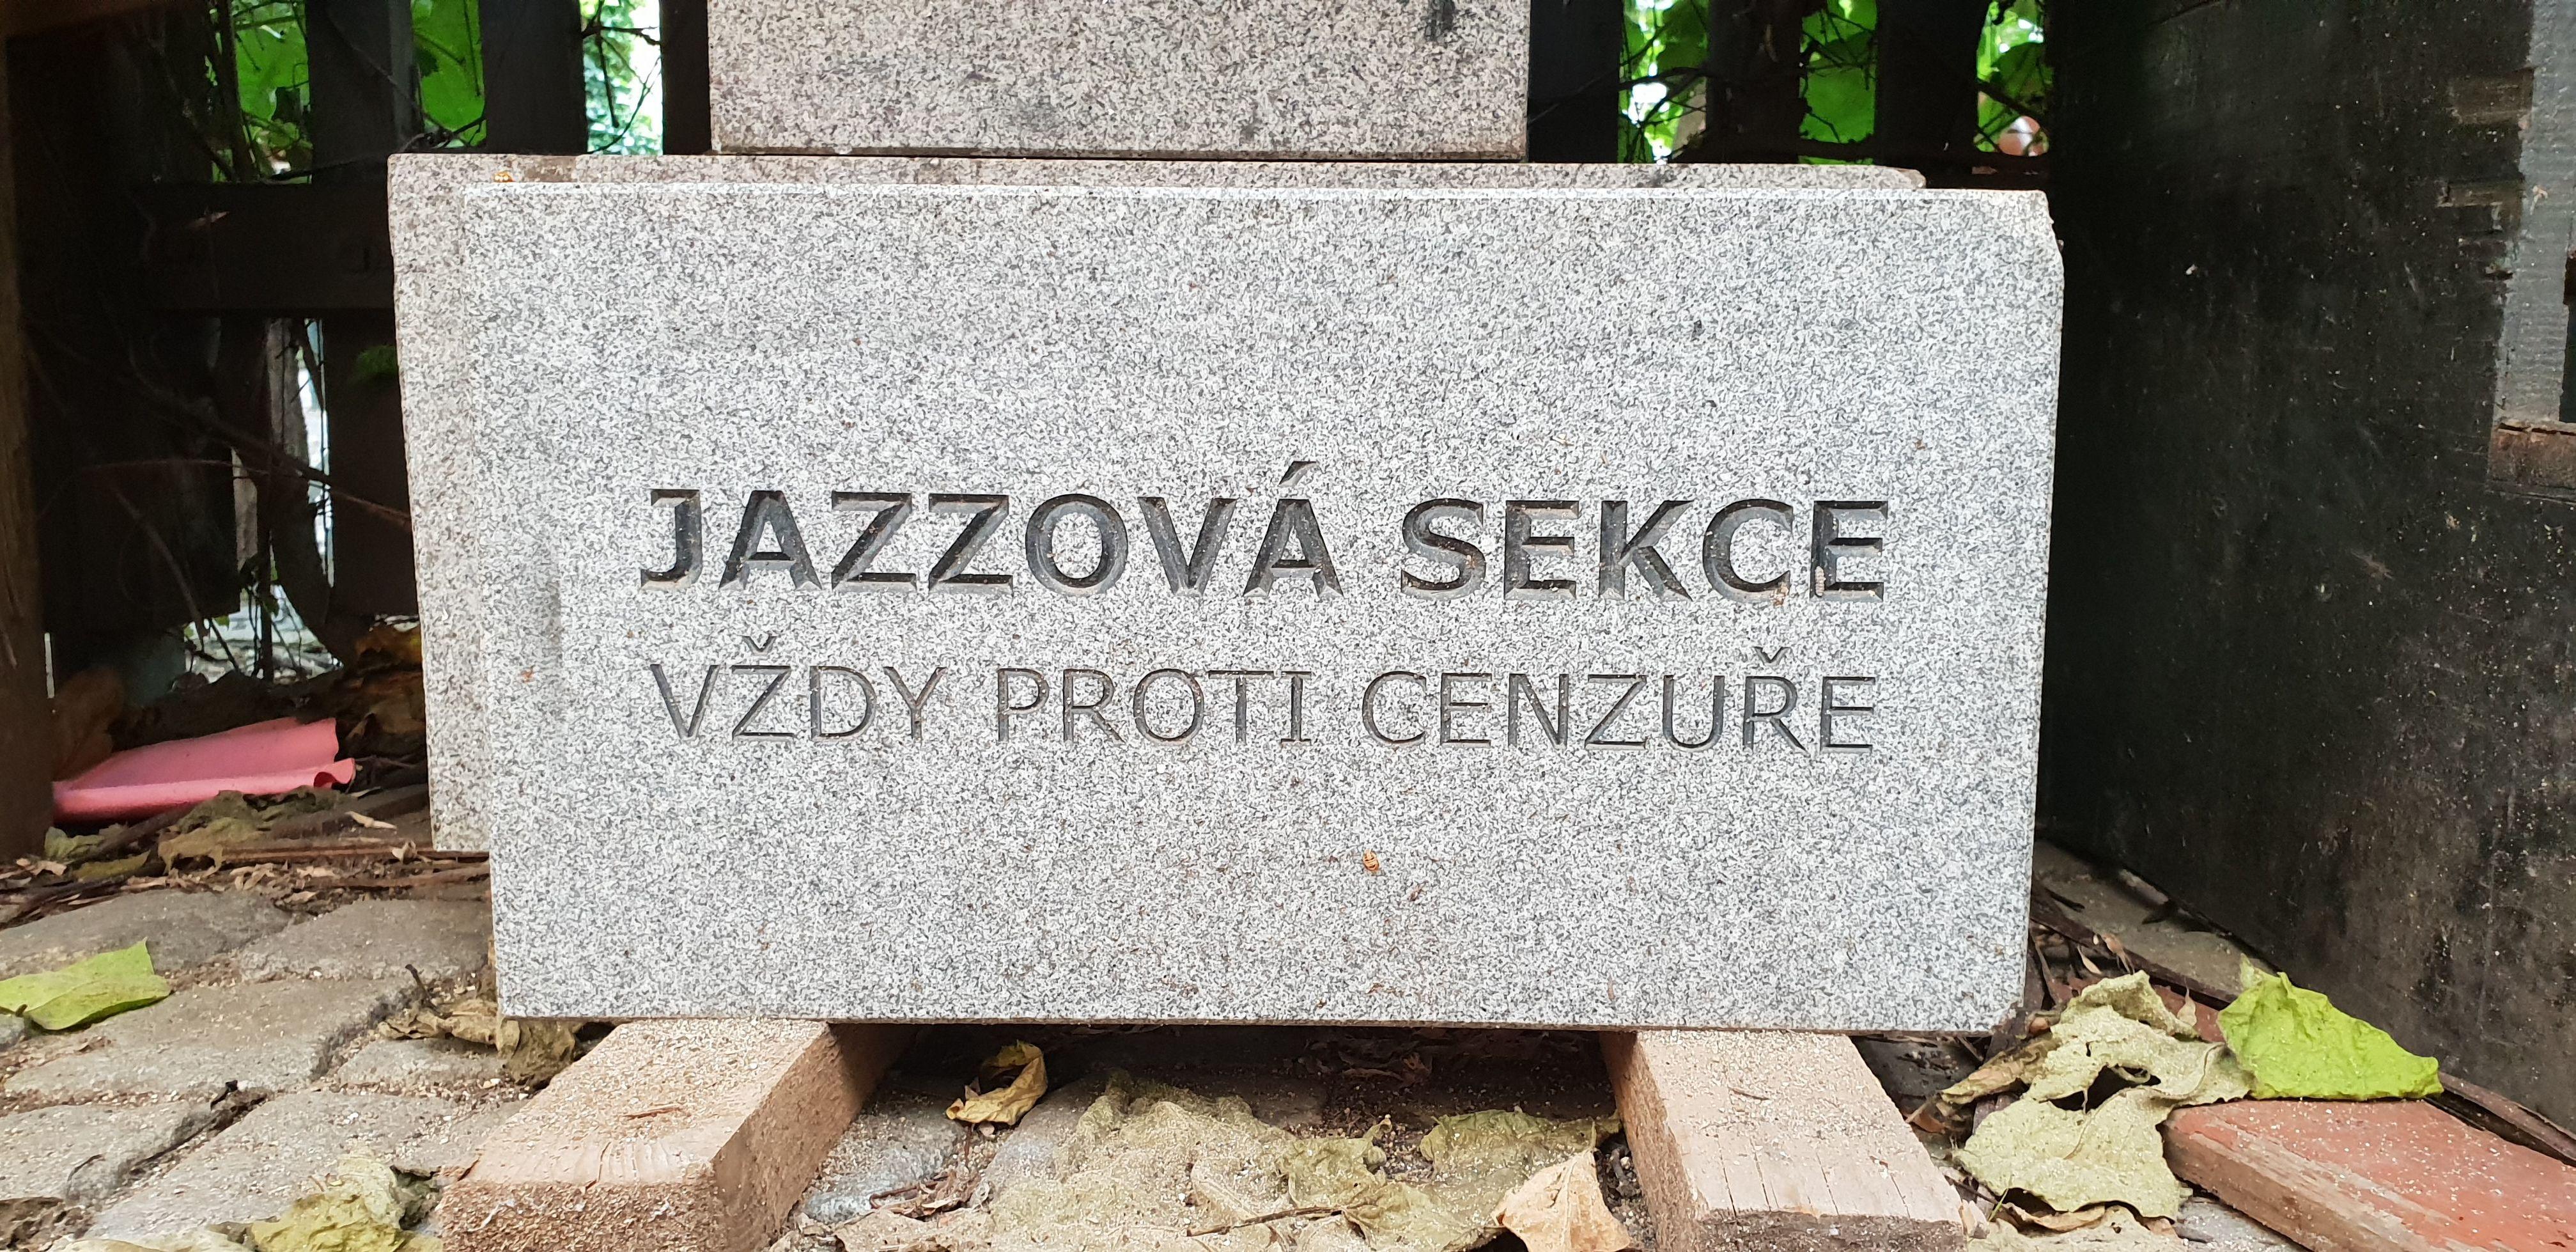 V Jazzové sekci najdeme recesi - náhrobní kámen bojovníků proti cenzuře, která nakonec vždy všechno převálcuje (podobně jako boty proti lásce, které vše krásné pošlapou...).